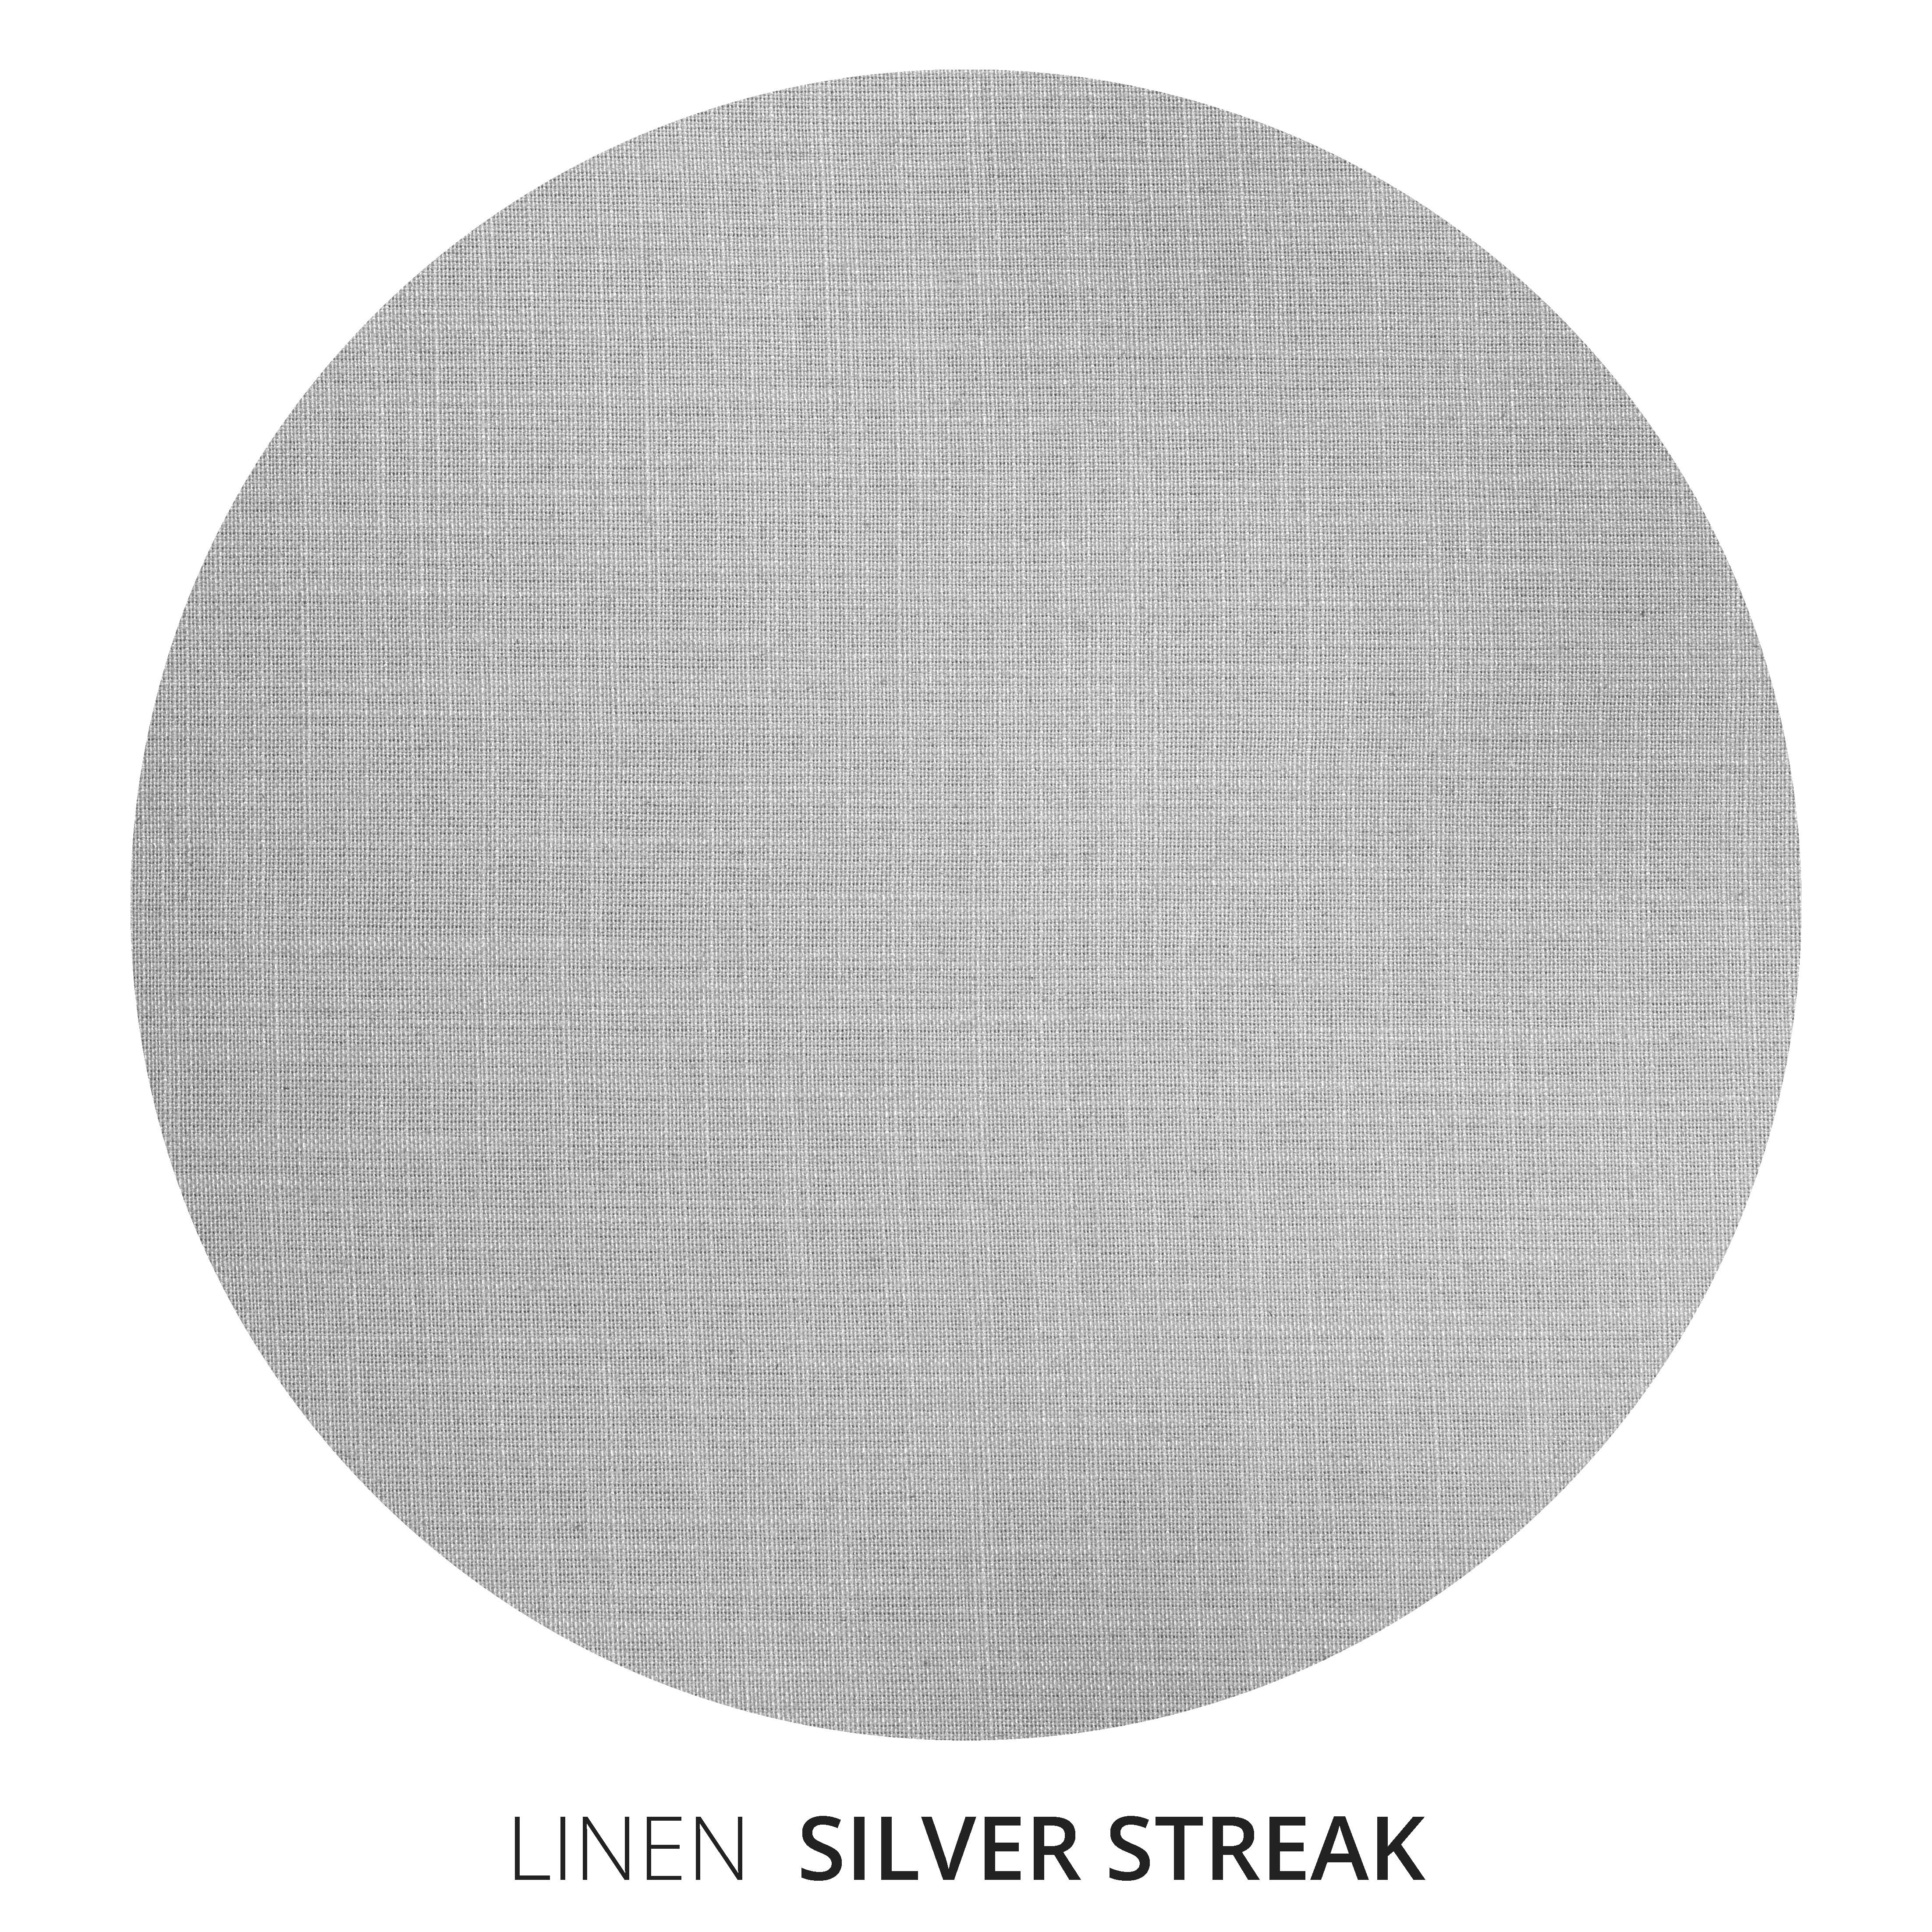 Silver Streak Linen Swatch